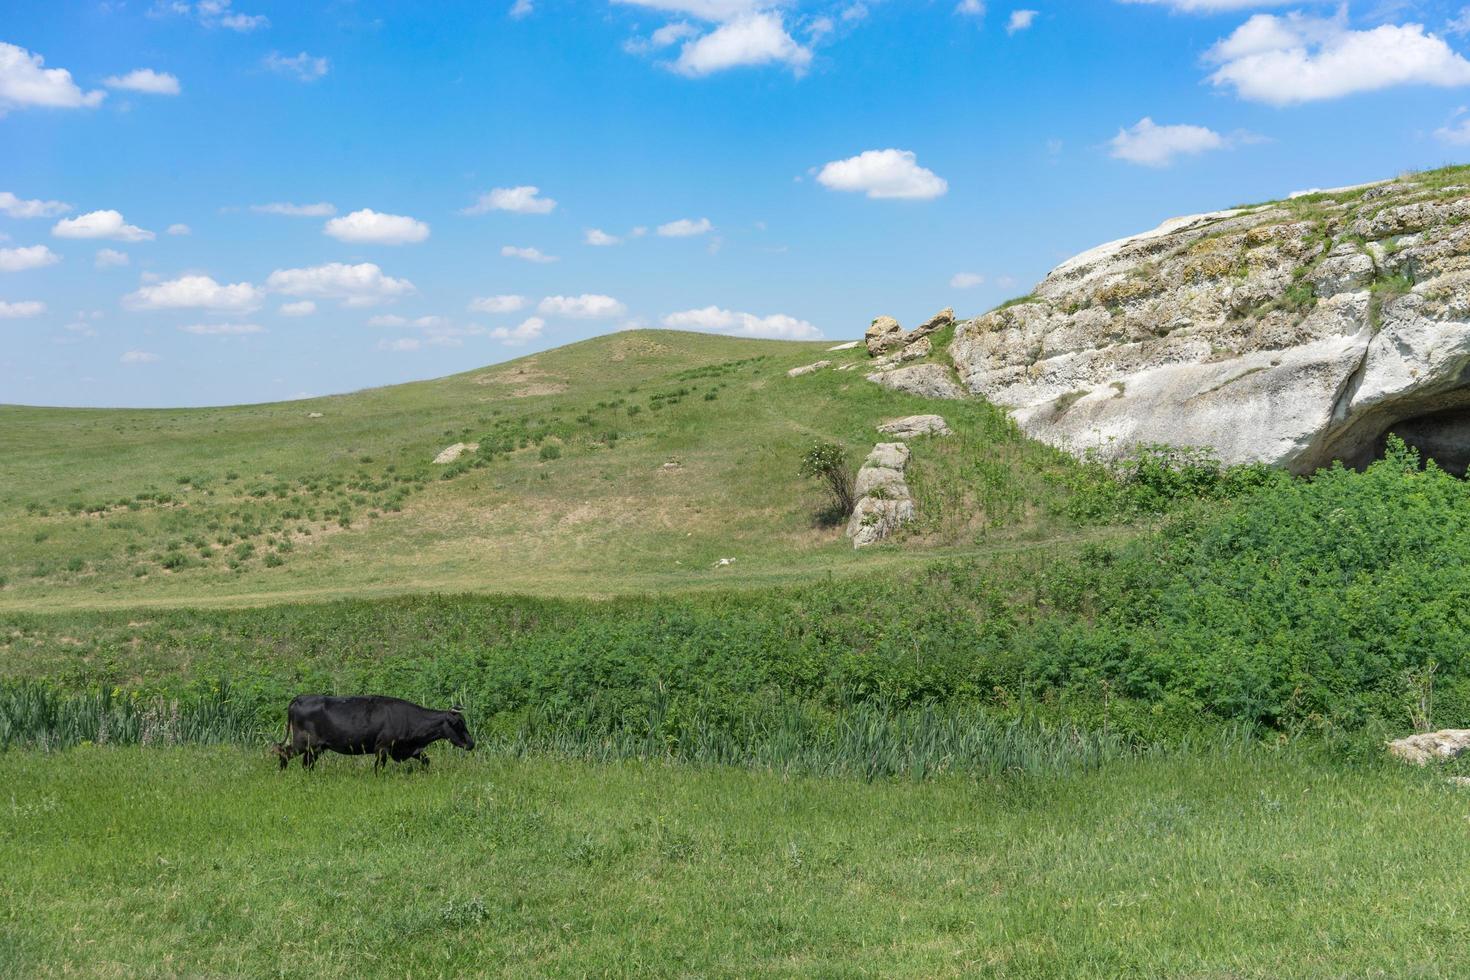 die natürliche Landschaft mit Blick auf die weißen Klippen und Höhlen. foto